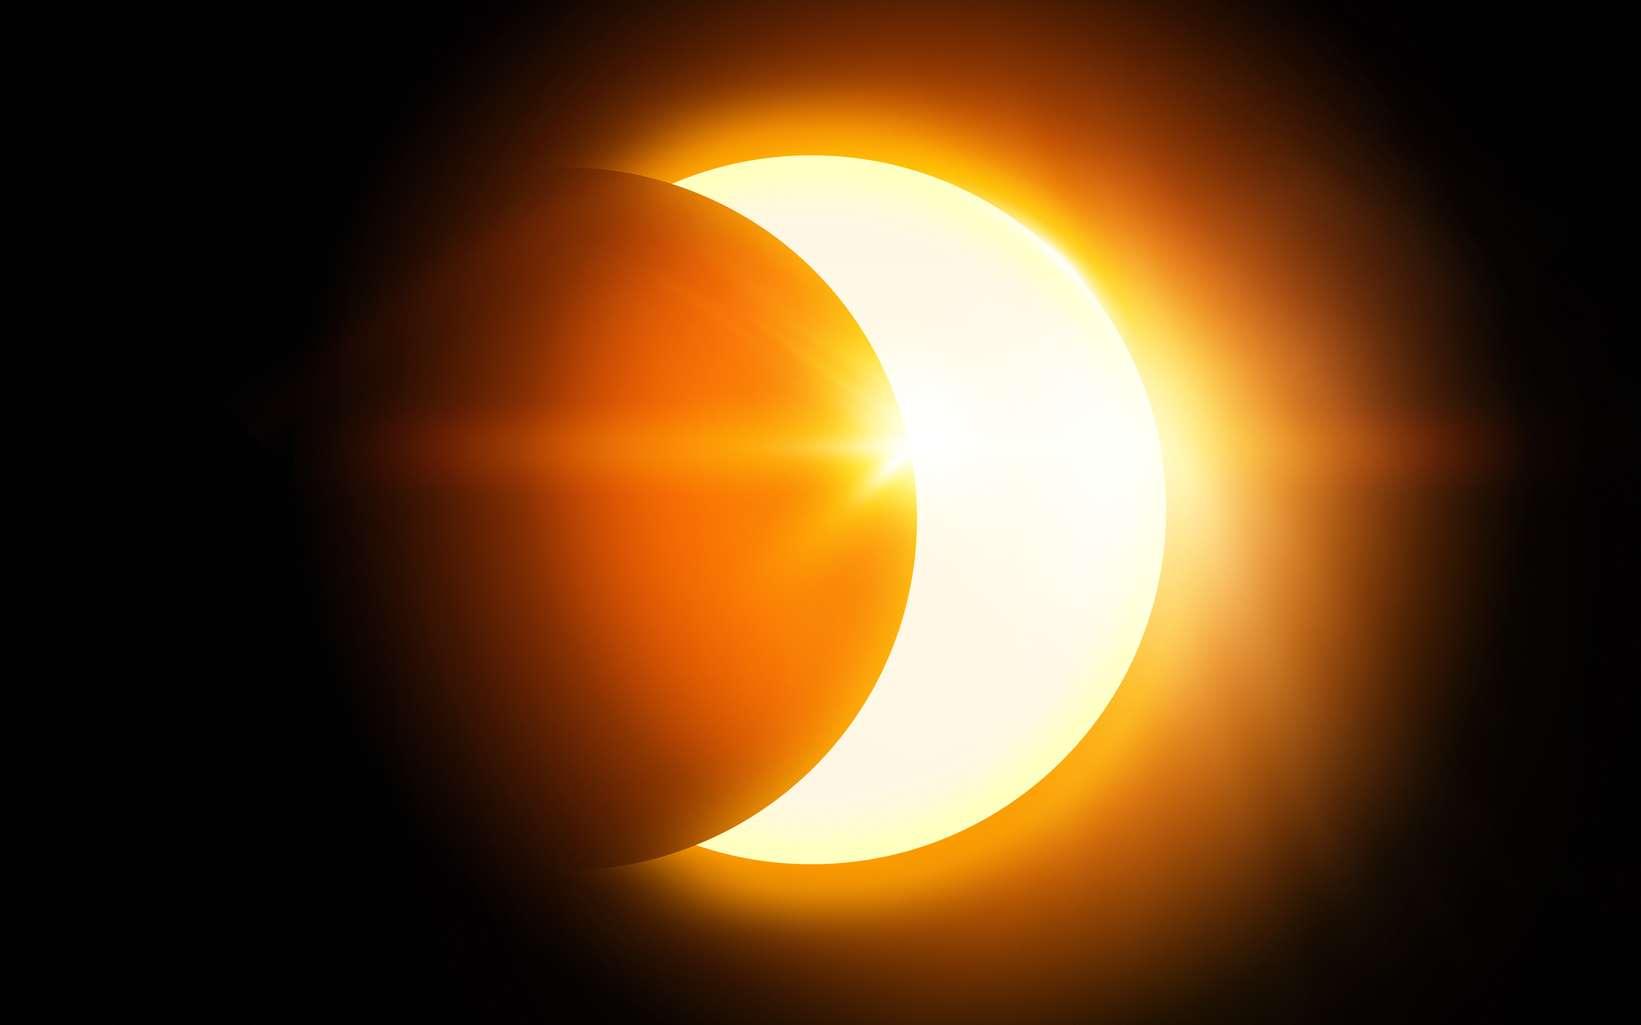 Clipse De Soleil Quels Sont Les Risques Pour Les Yeux